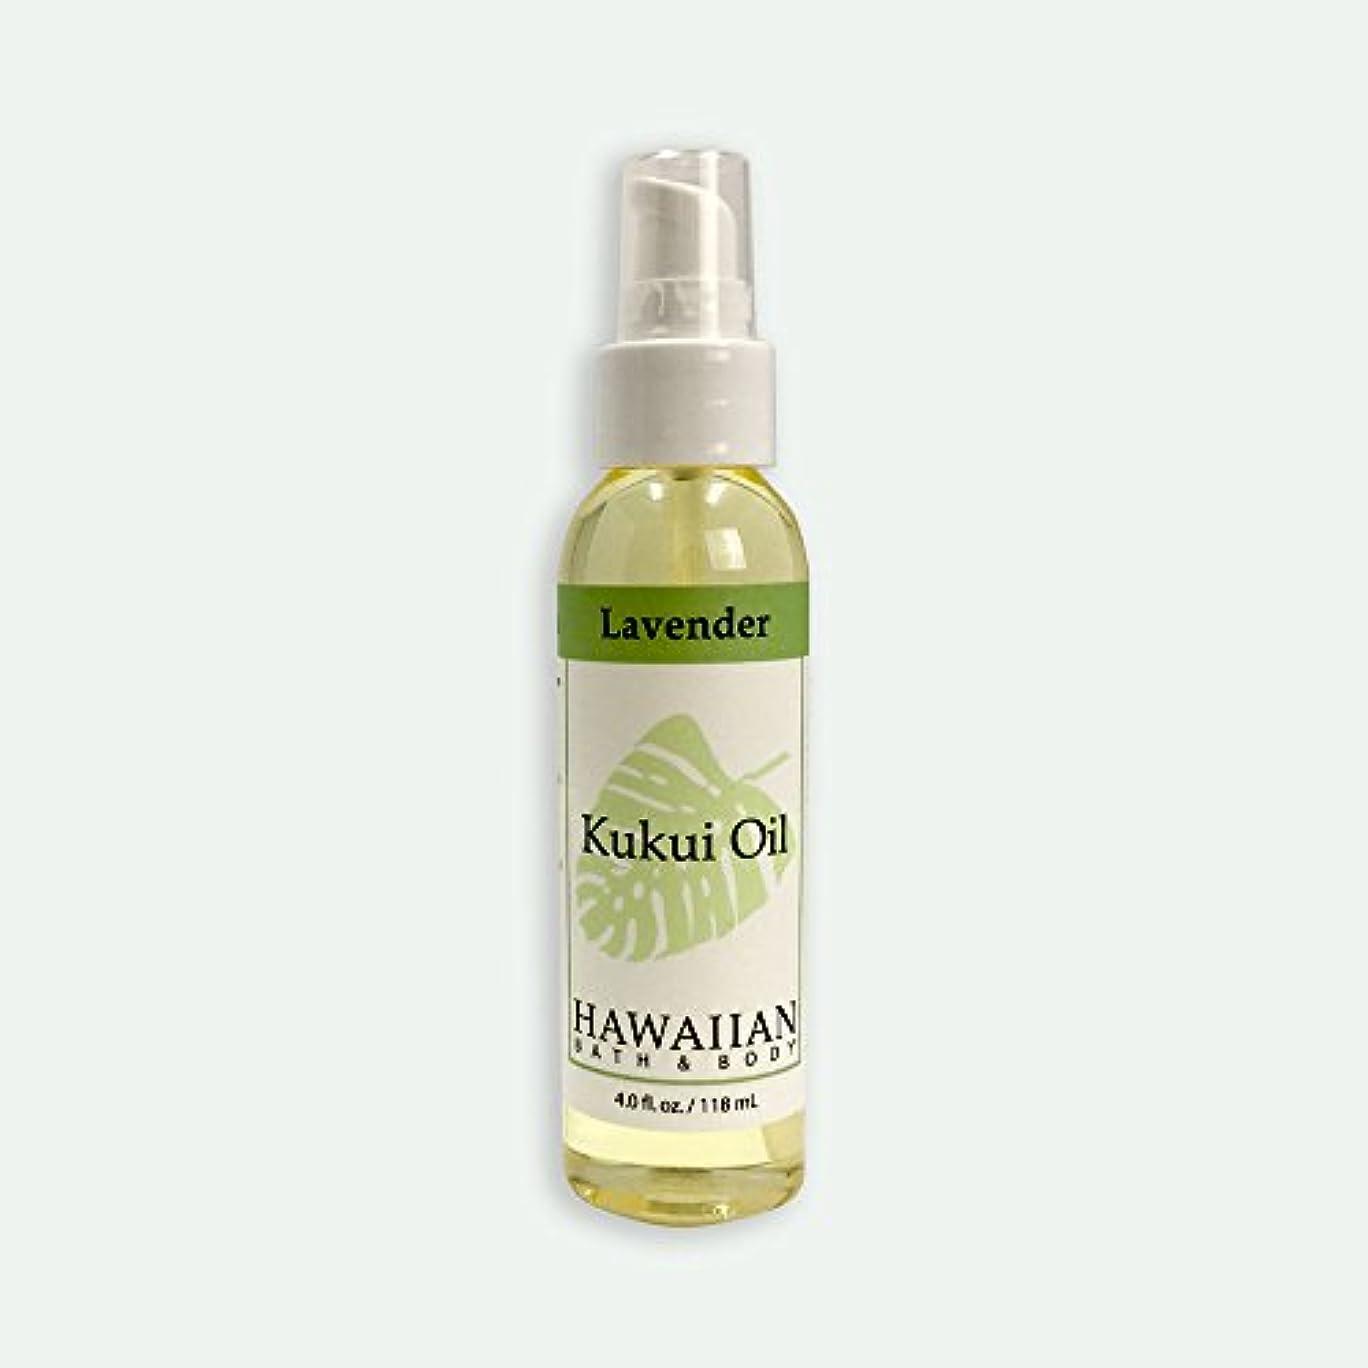 チャネル自然公園傾向ハワイアンバス&ボディ ククイオイル ?ラベンダー 118ml Lavender Kukui Nut Oil